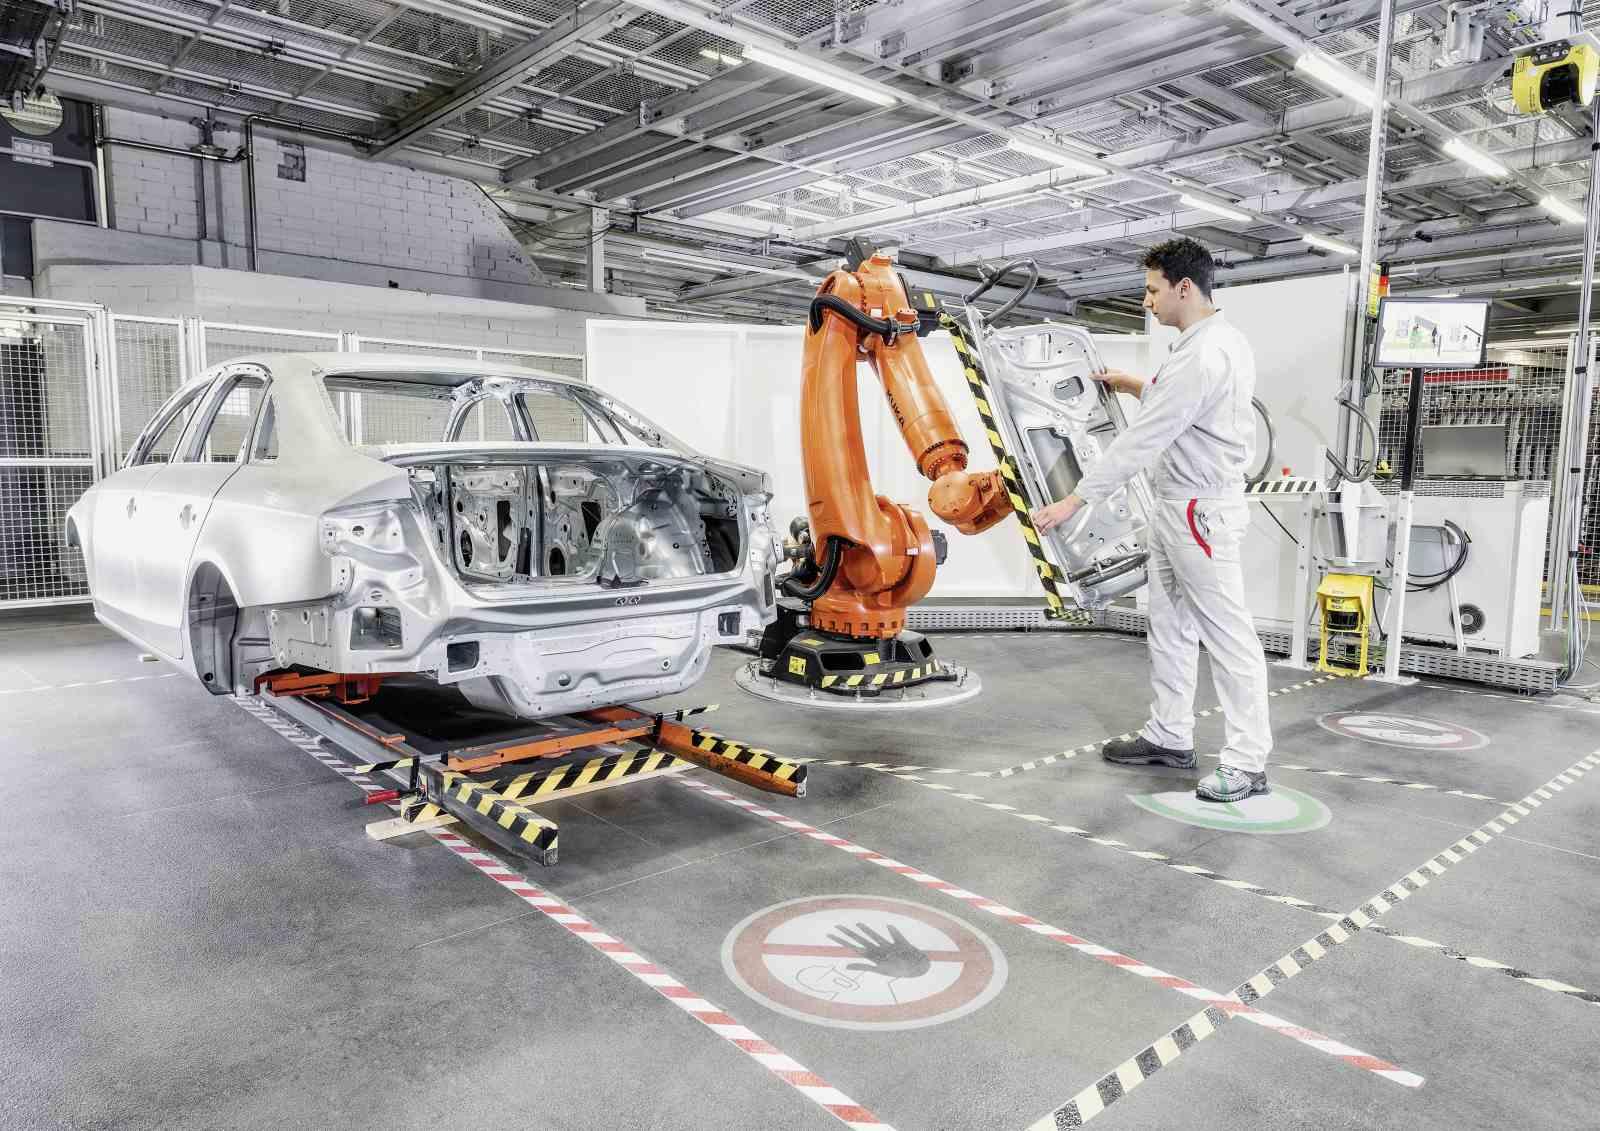 Nello stabilimento Audi si stanno testando continuamente nuove tecnologie di produzione. Come questo robot di assistenza che lavora fianco a fianco con l'addetto al montaggio di linea (in questa immagine il portellone). Il compito del robot è posizionare perfettamente il pezzo nello spazio previsto rispettandone le tolleranze, quello dell'addetto è fissarlo in maniera definitiva